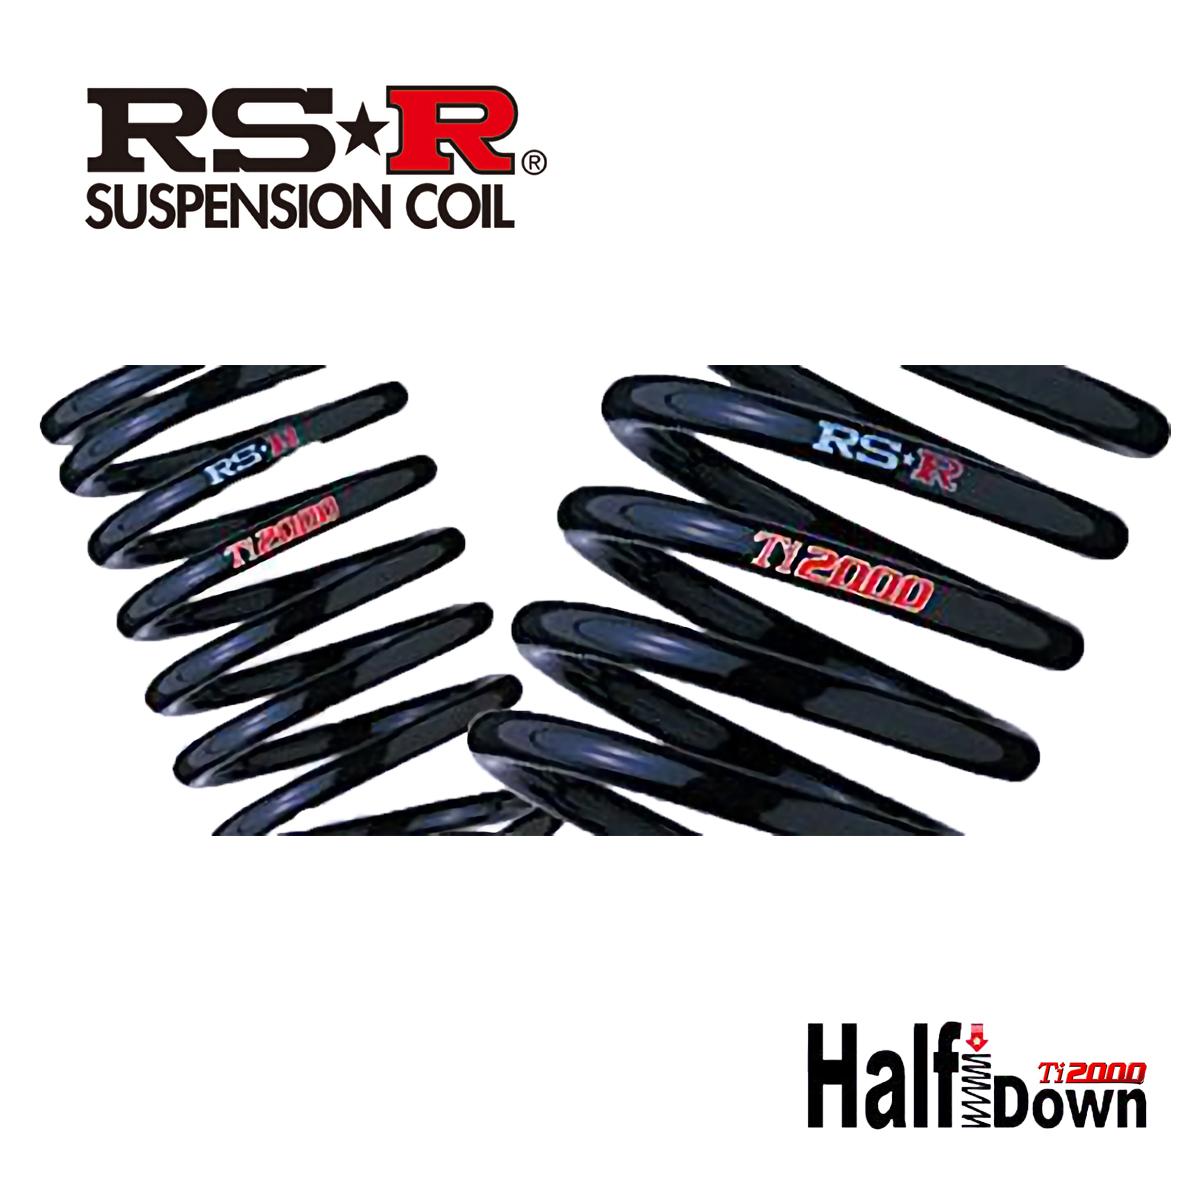 RS-R プリウス ZVW51 Aツーリングセレクション ダウンサス スプリング 1台分 T580THD Ti2000 ハーフダウン RSR 個人宅発送追金有